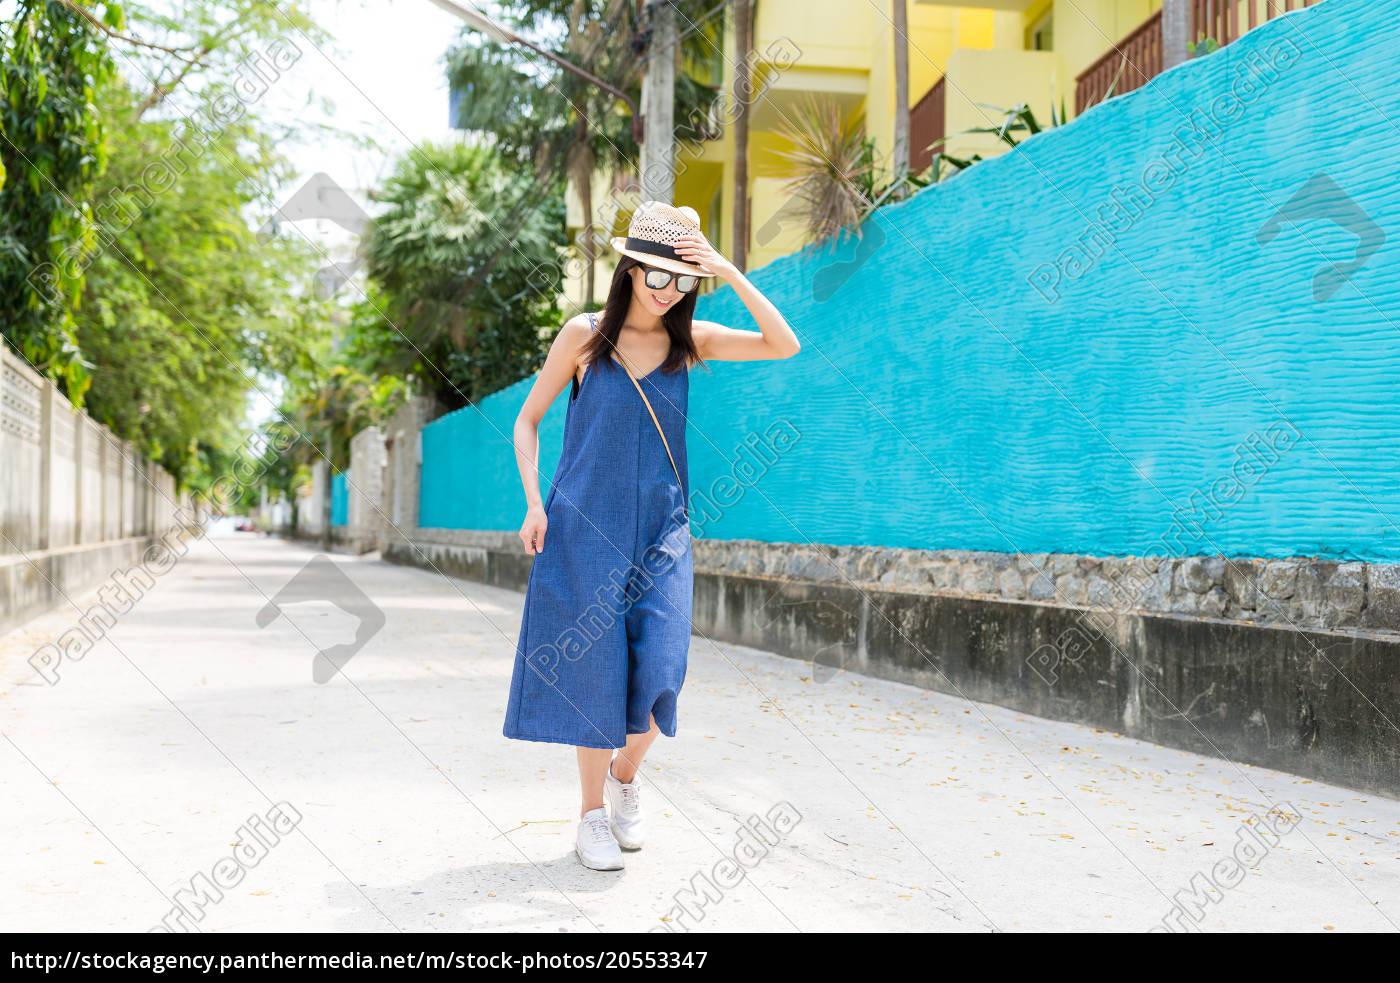 woman, walking, at, outdoor - 20553347